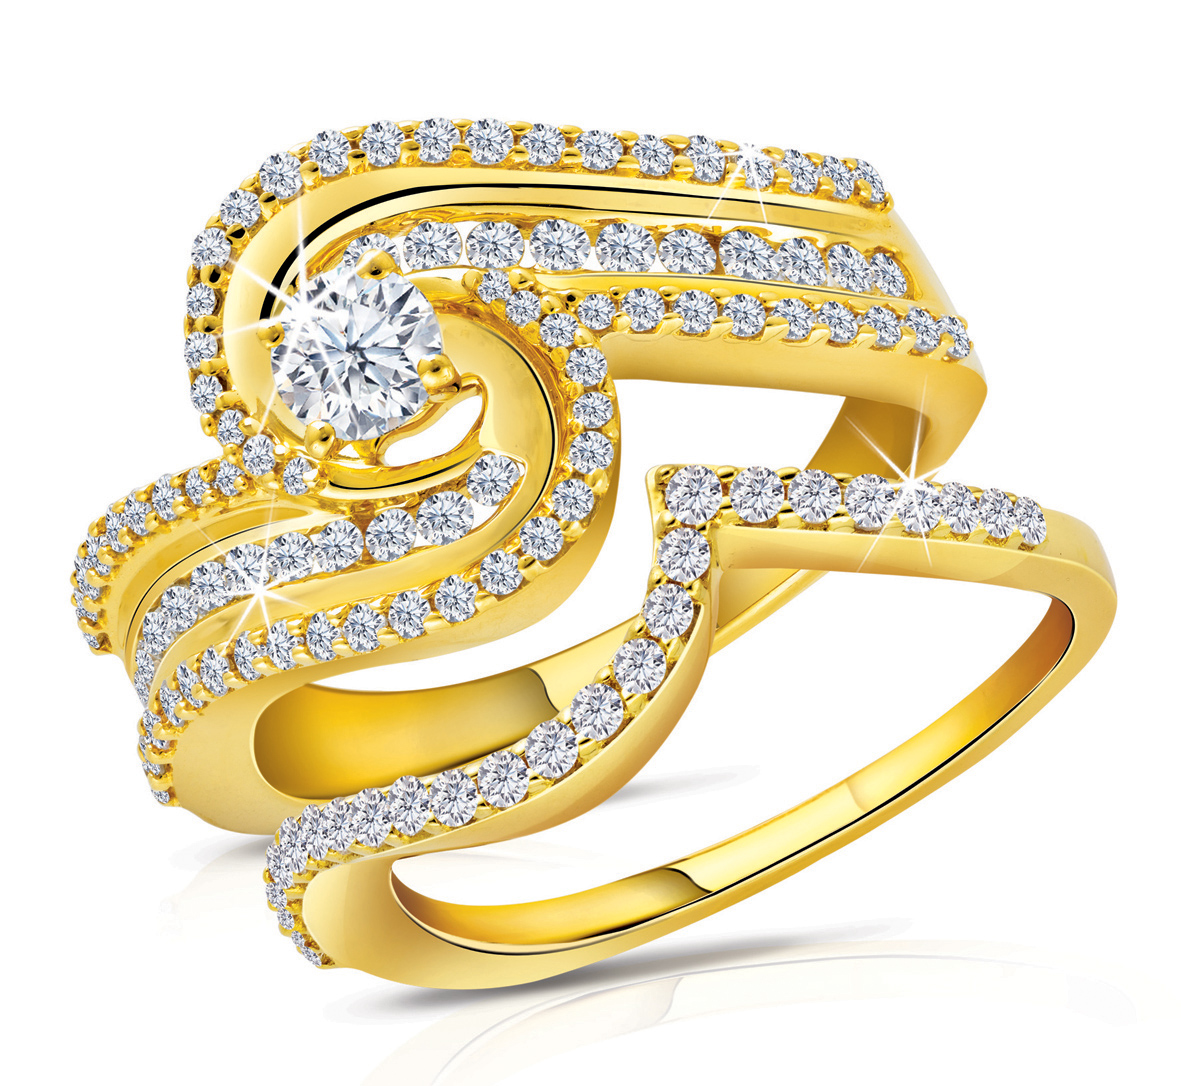 http://2.bp.blogspot.com/-c_I_sYeoHak/TzdW14MU0_I/AAAAAAAAAt0/8VF8mmaPcRo/s1600/Traditional-Gold-Jewelry.jpg